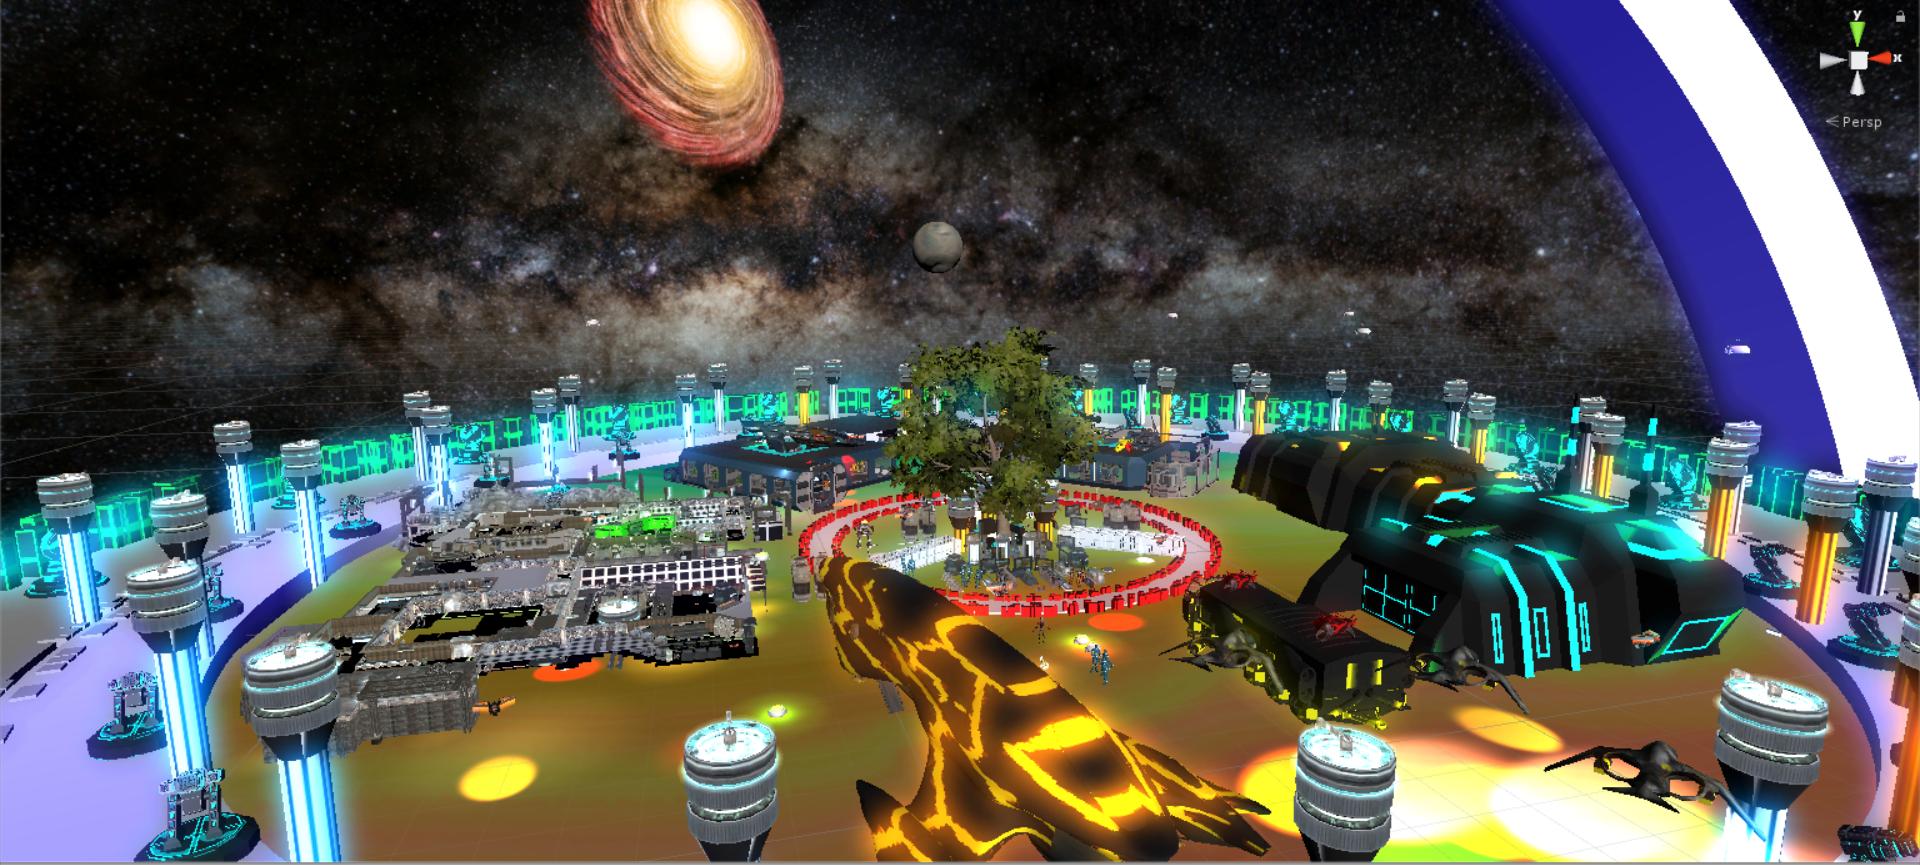 Space Flight Neon